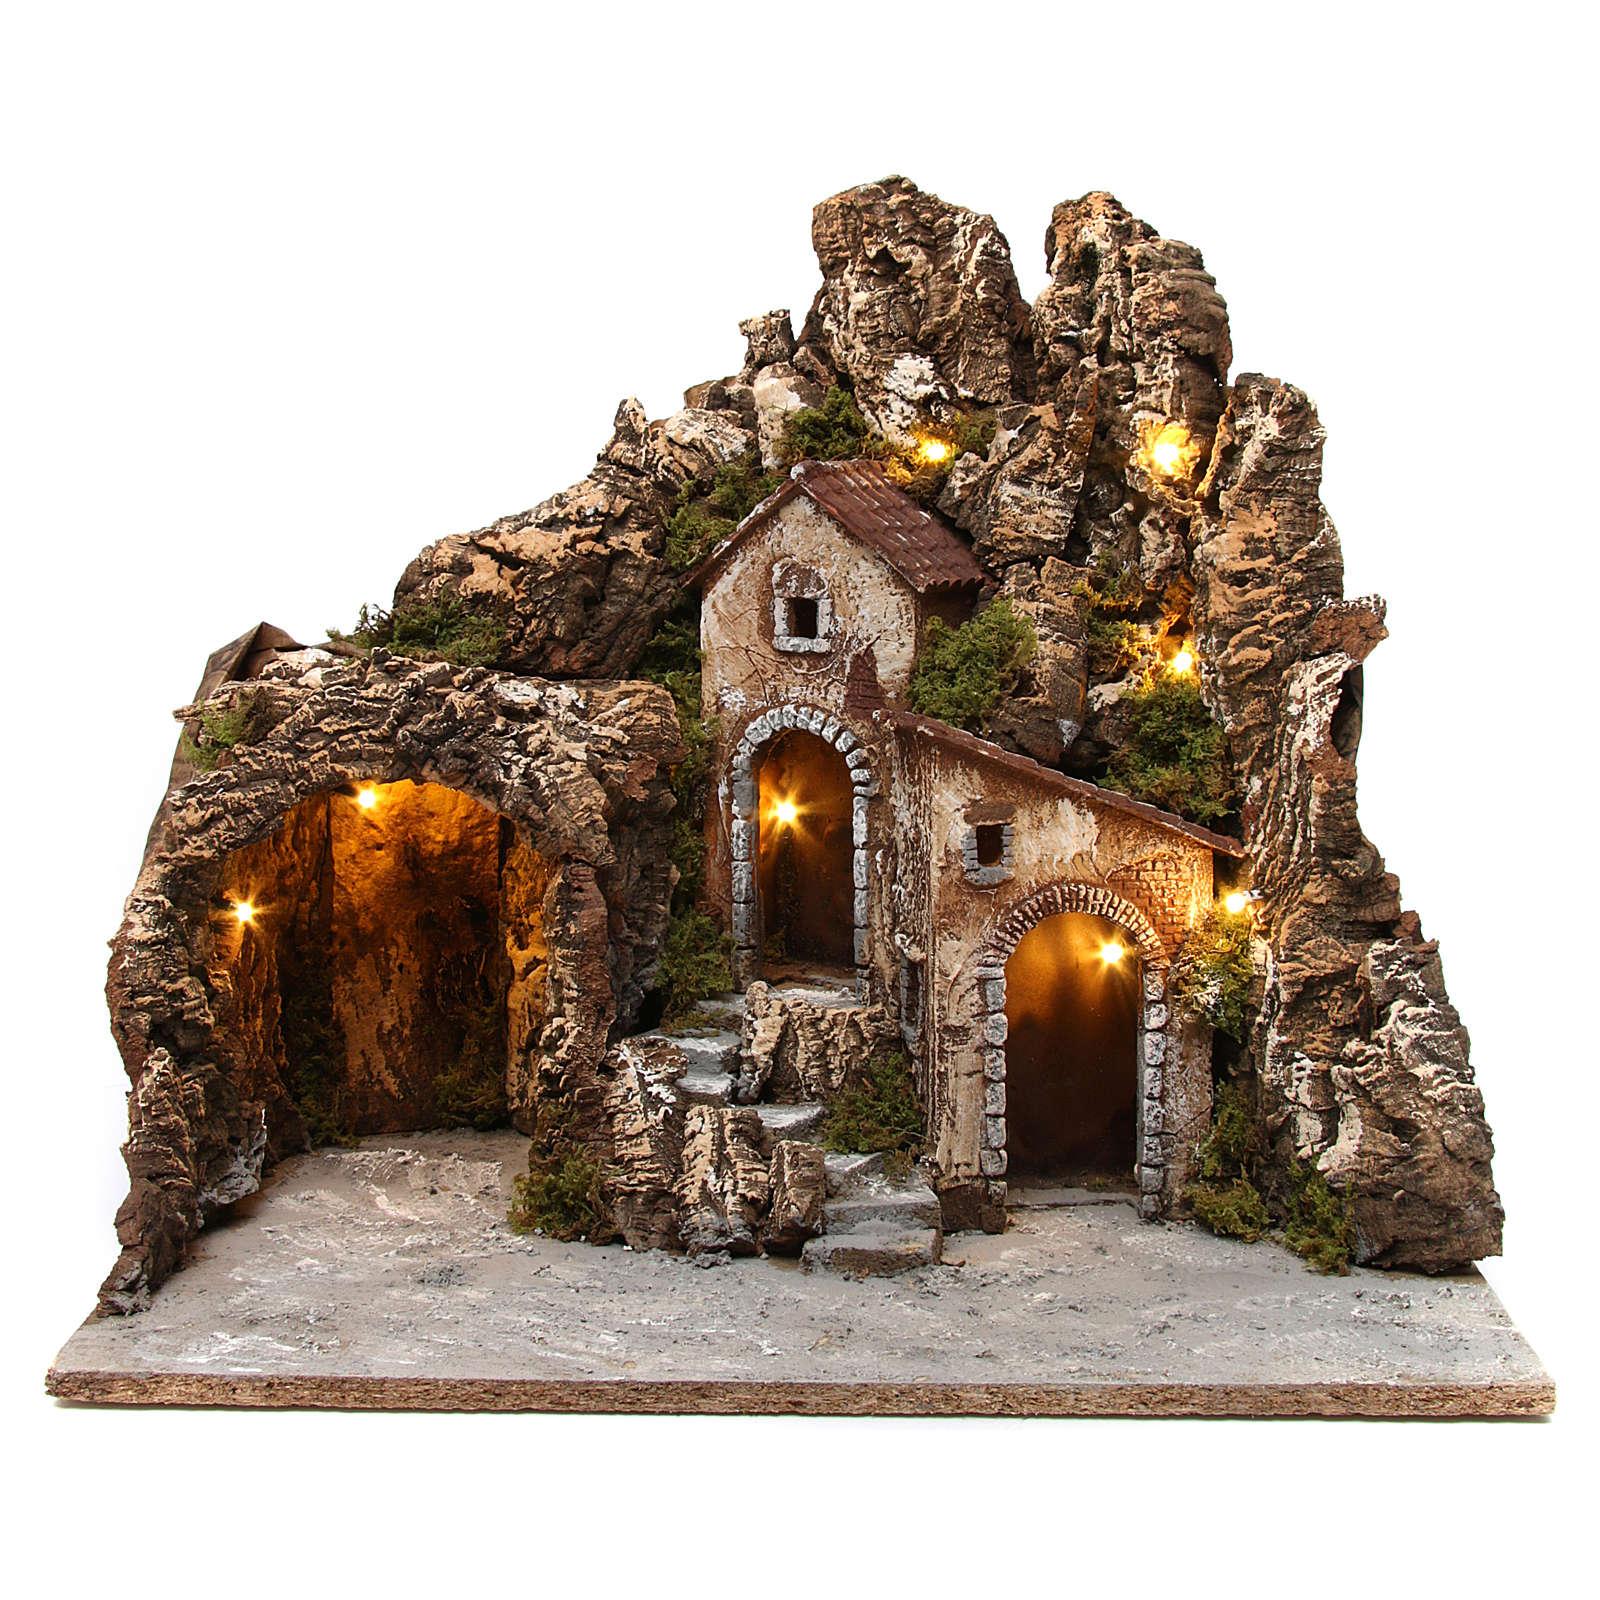 Cenário presépio iluminado com gruta e casinhas 55x60x60 cm madeira e cortiça 4